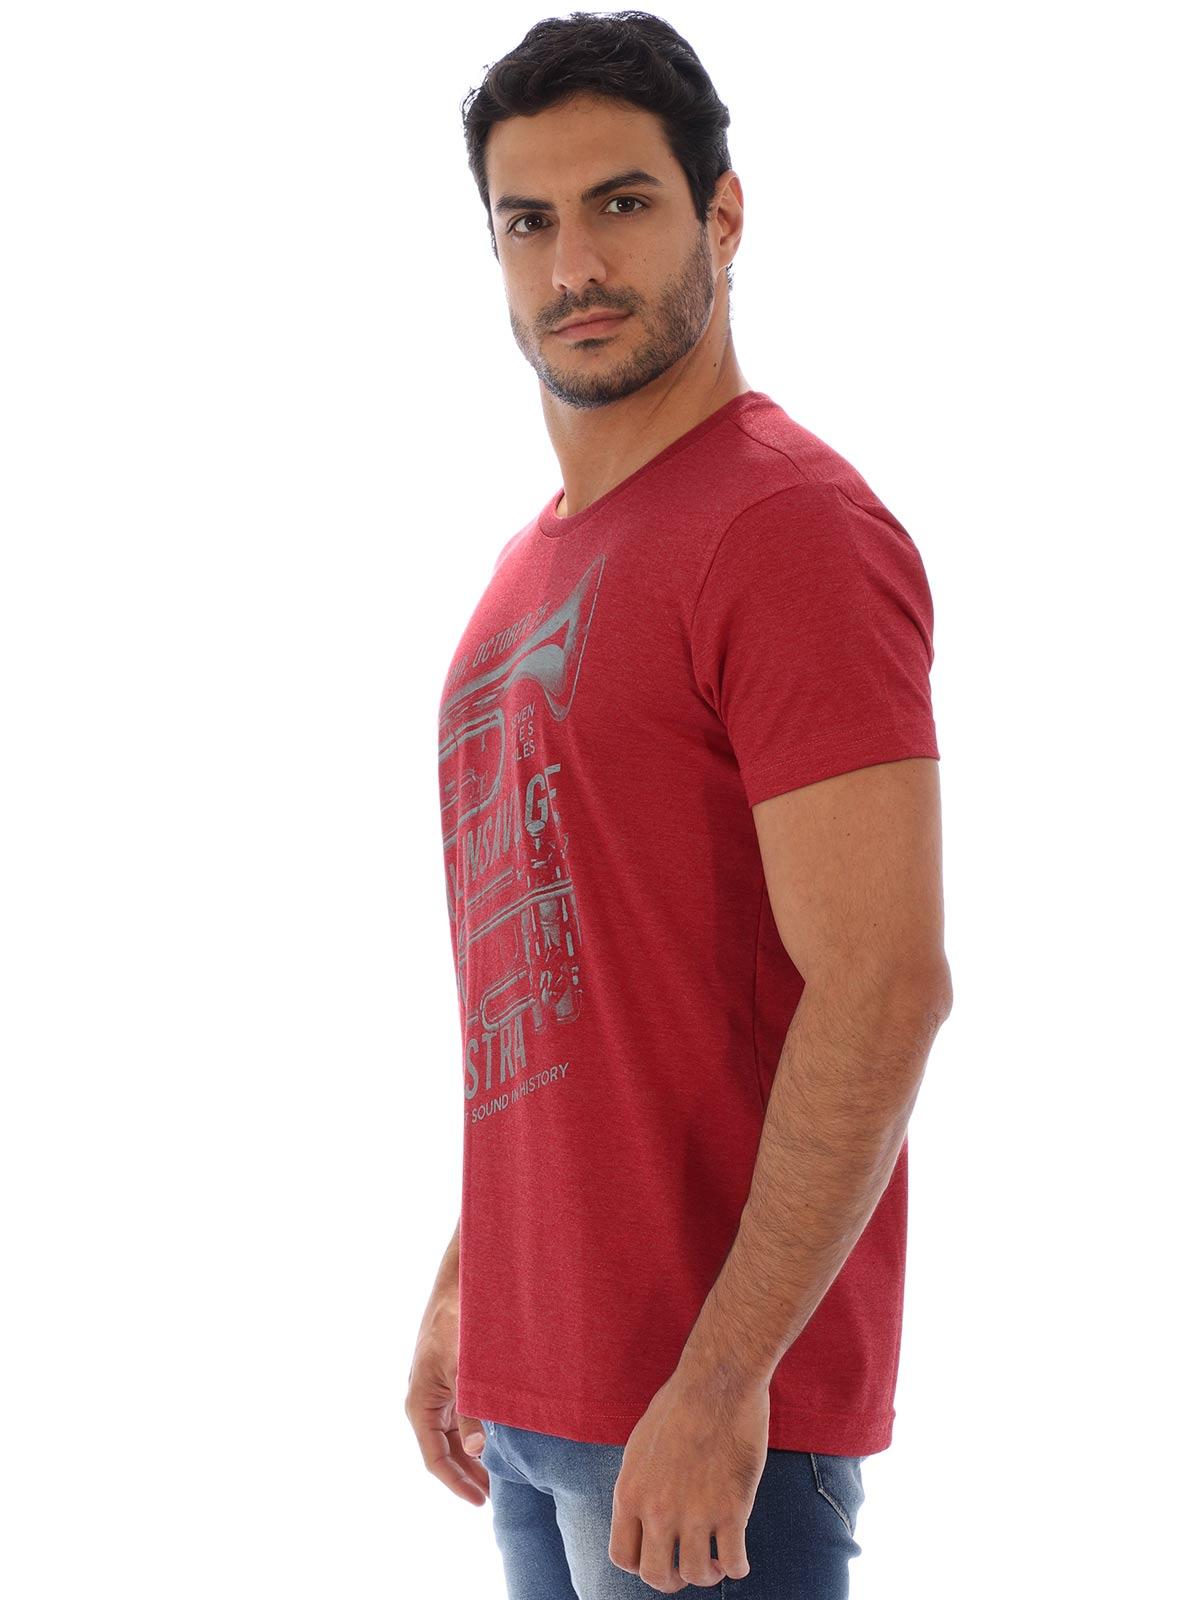 Camiseta Masculina Basica Manga Curta Mescla Full Vermelho